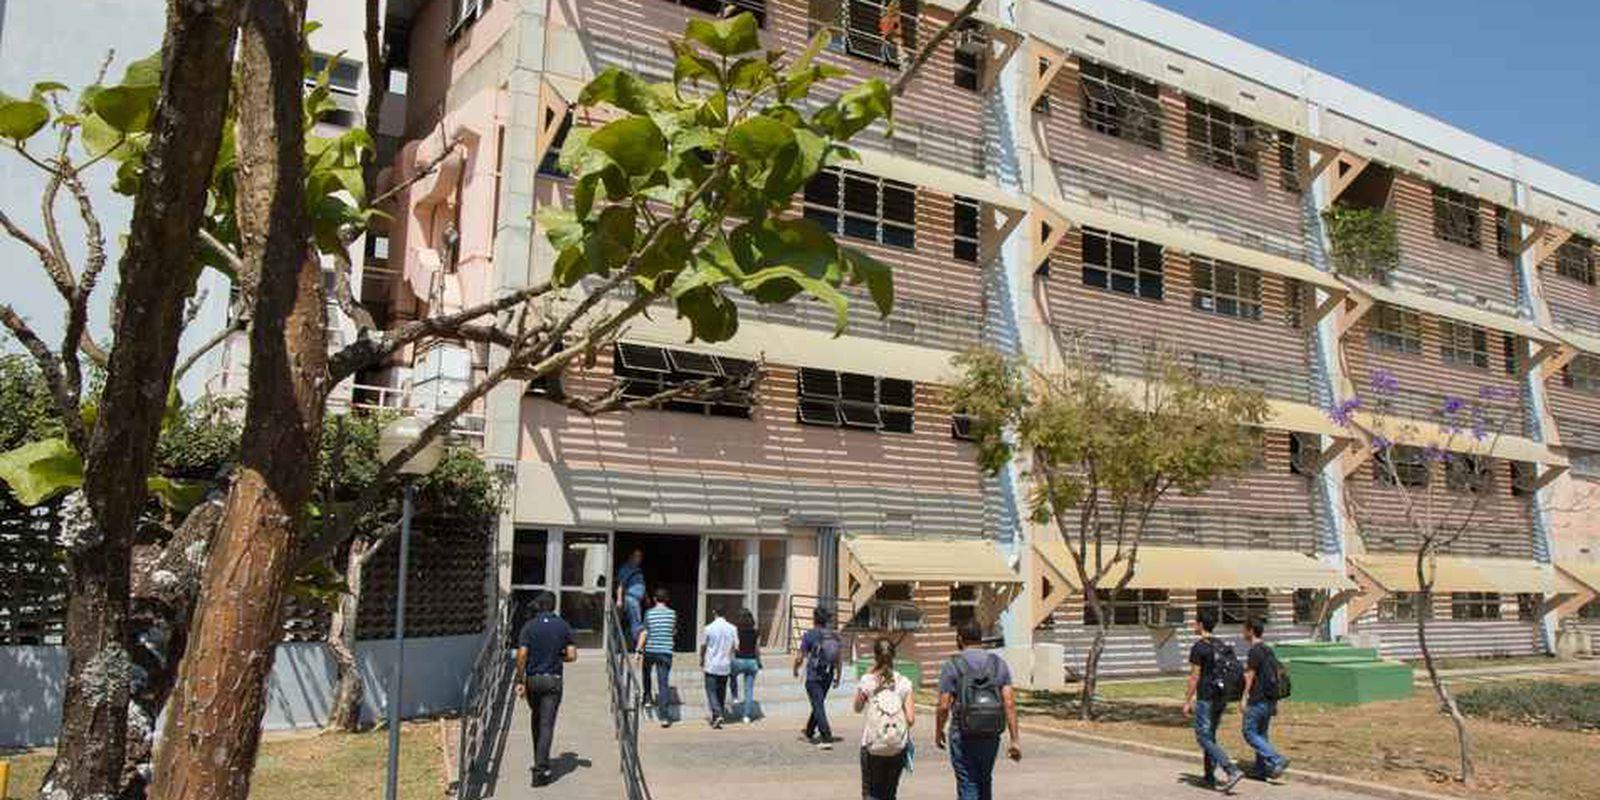 Instituto de Ciências Exatas (ICEx) da UFMG